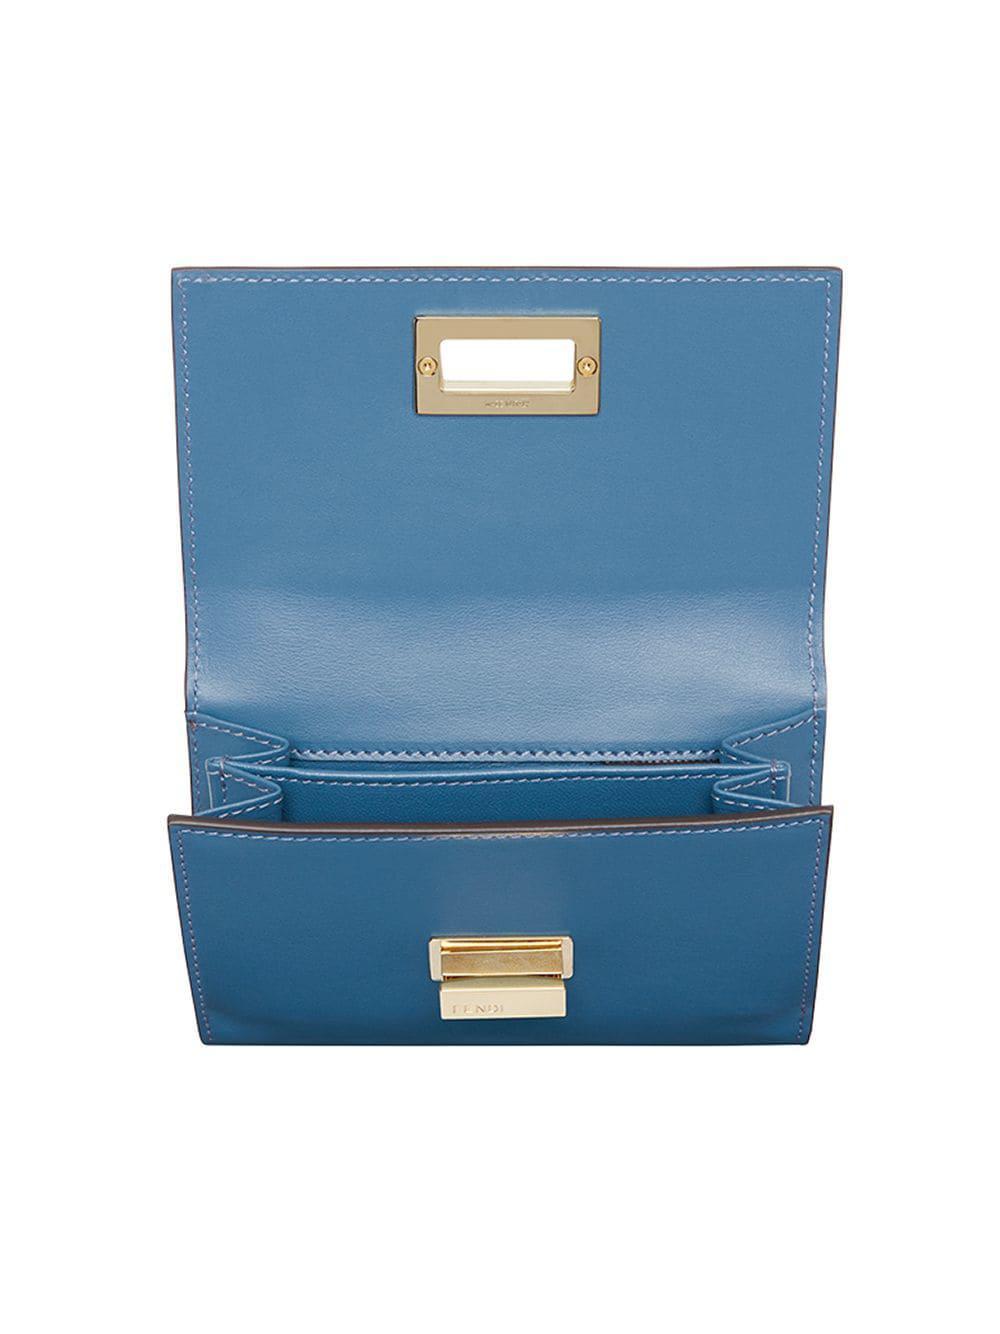 46bfd29f8aeb Fendi - Blue Peekaboo Selleria Wallet - Lyst. View fullscreen